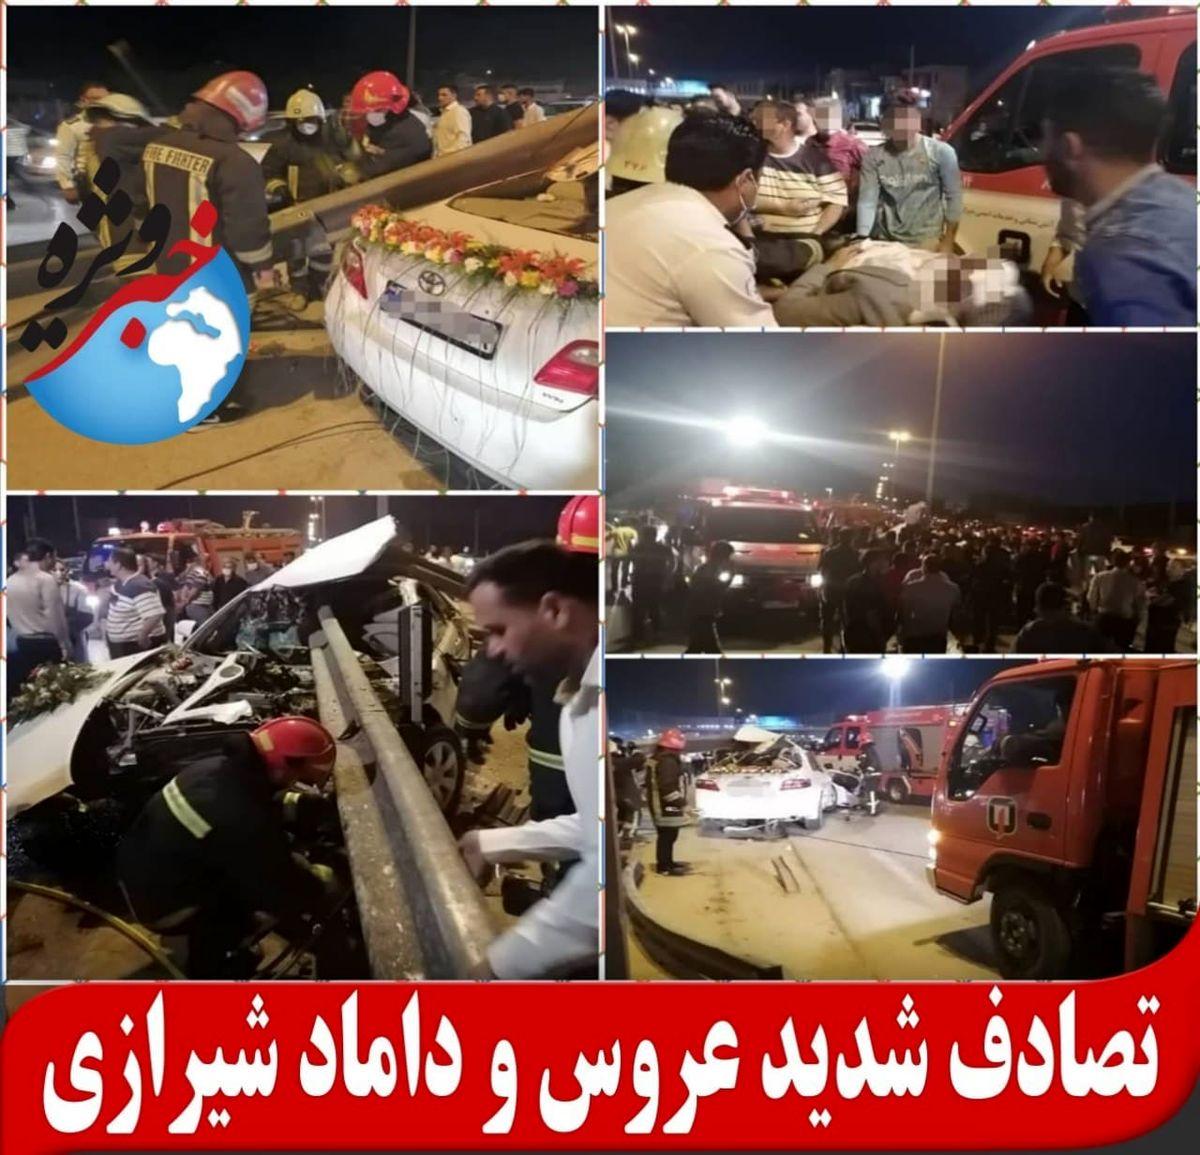 تصادف شدید عروس و داماد شیرازی +عکس